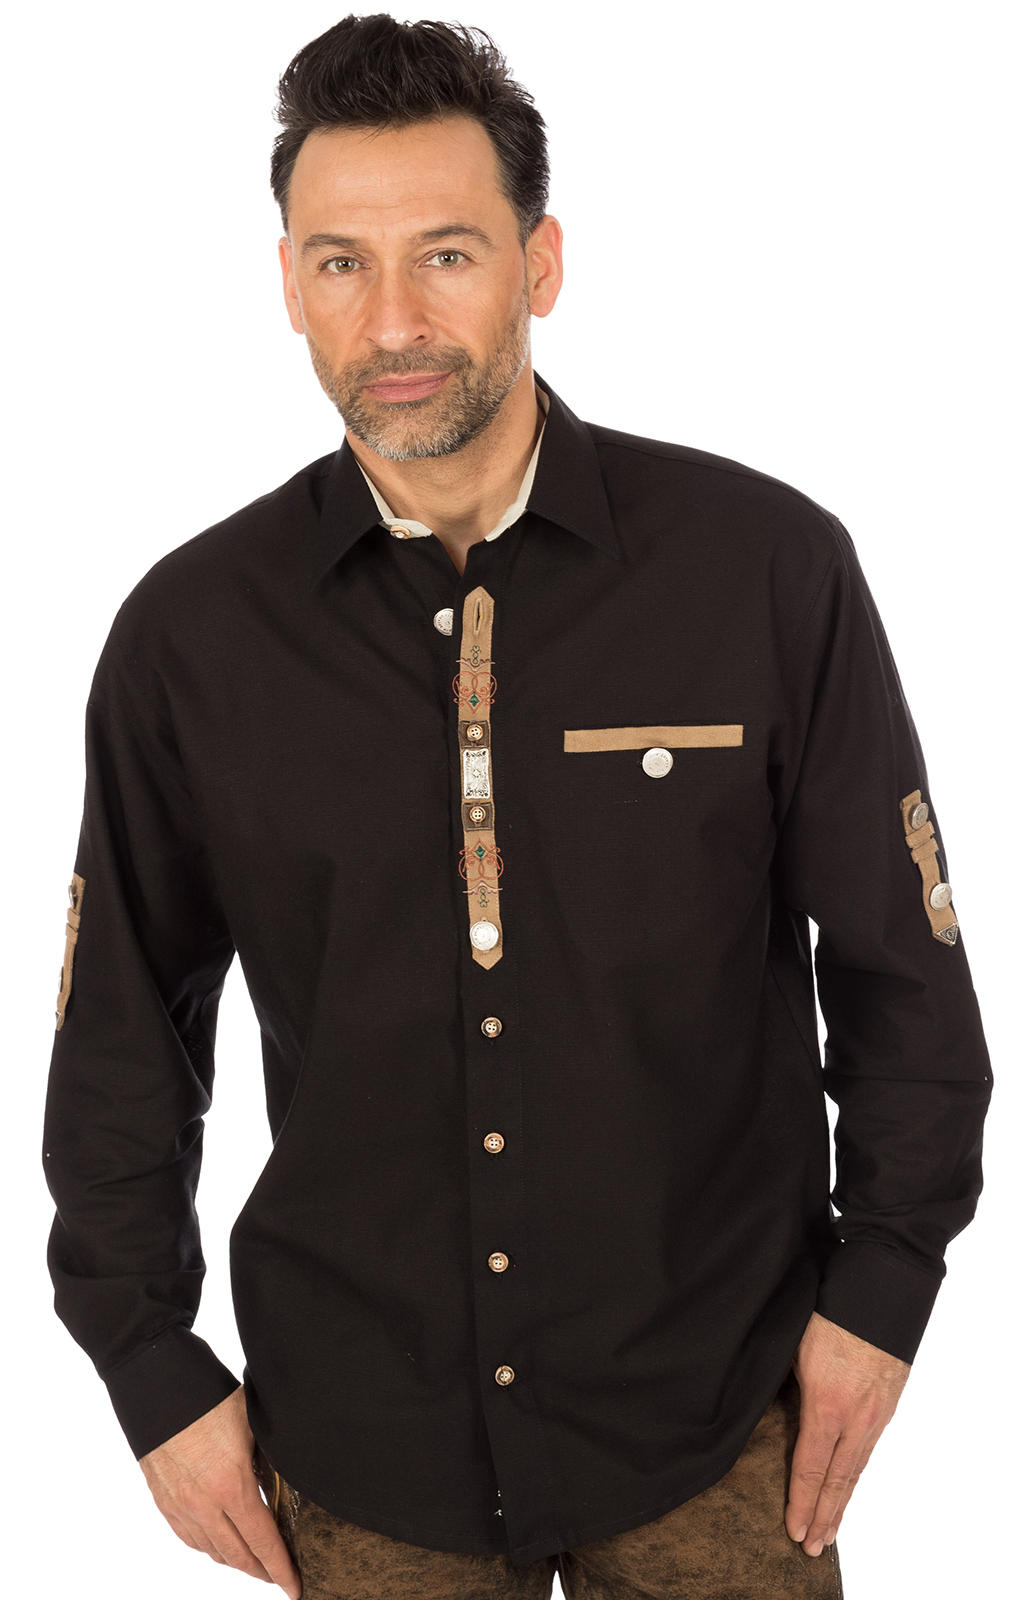 Trachtenhemd EDGAR schwarz von OS-Trachten